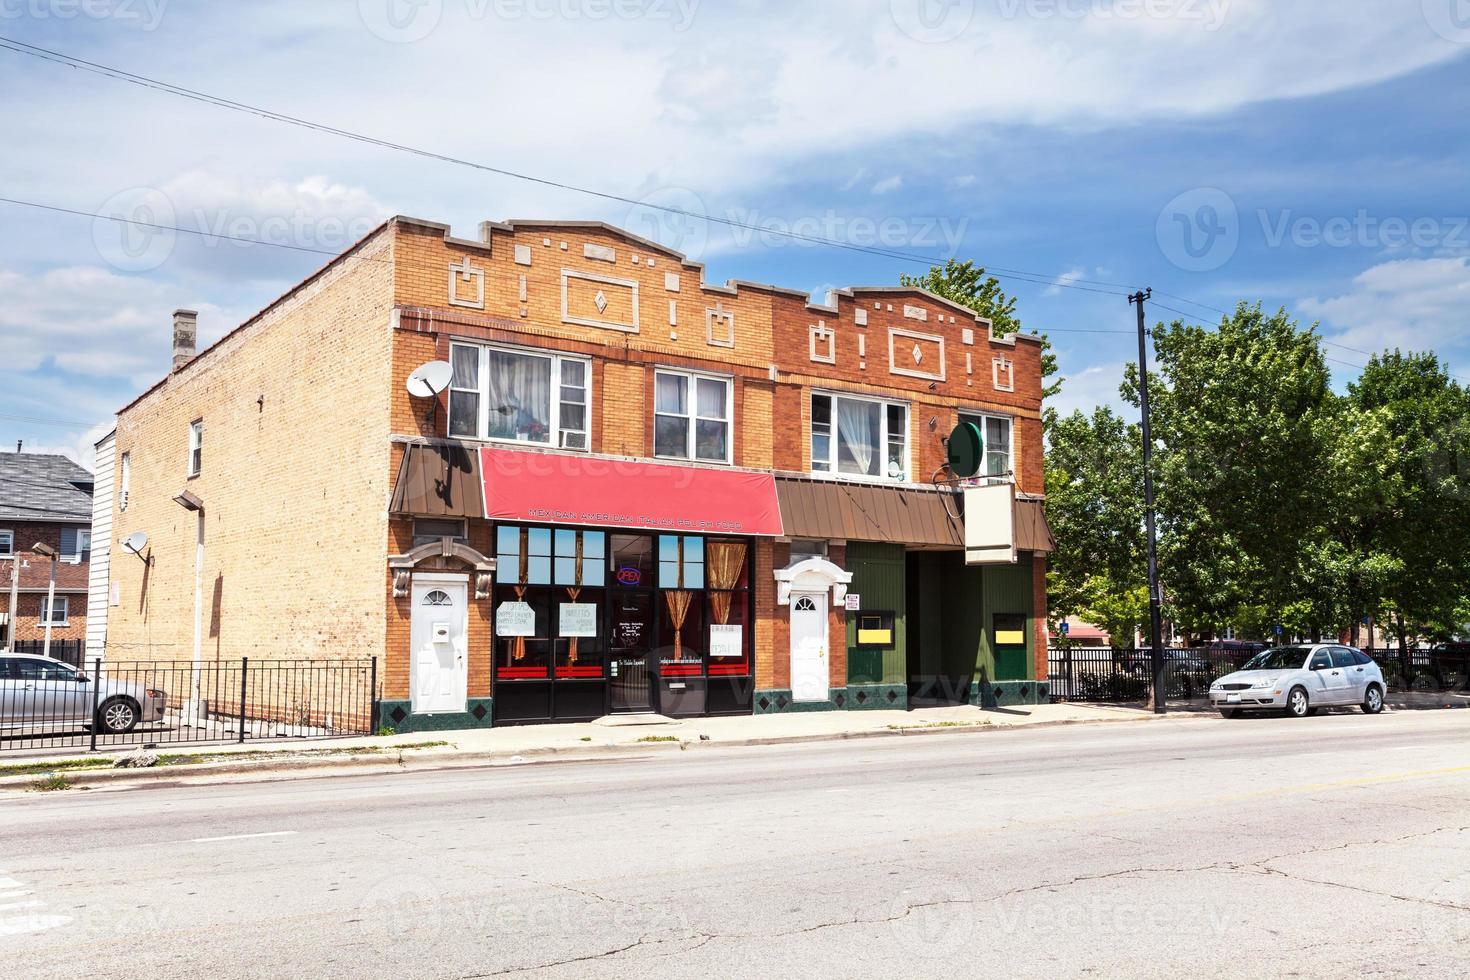 buurtbar en restaurant in boogschutterhoogten, chicago foto